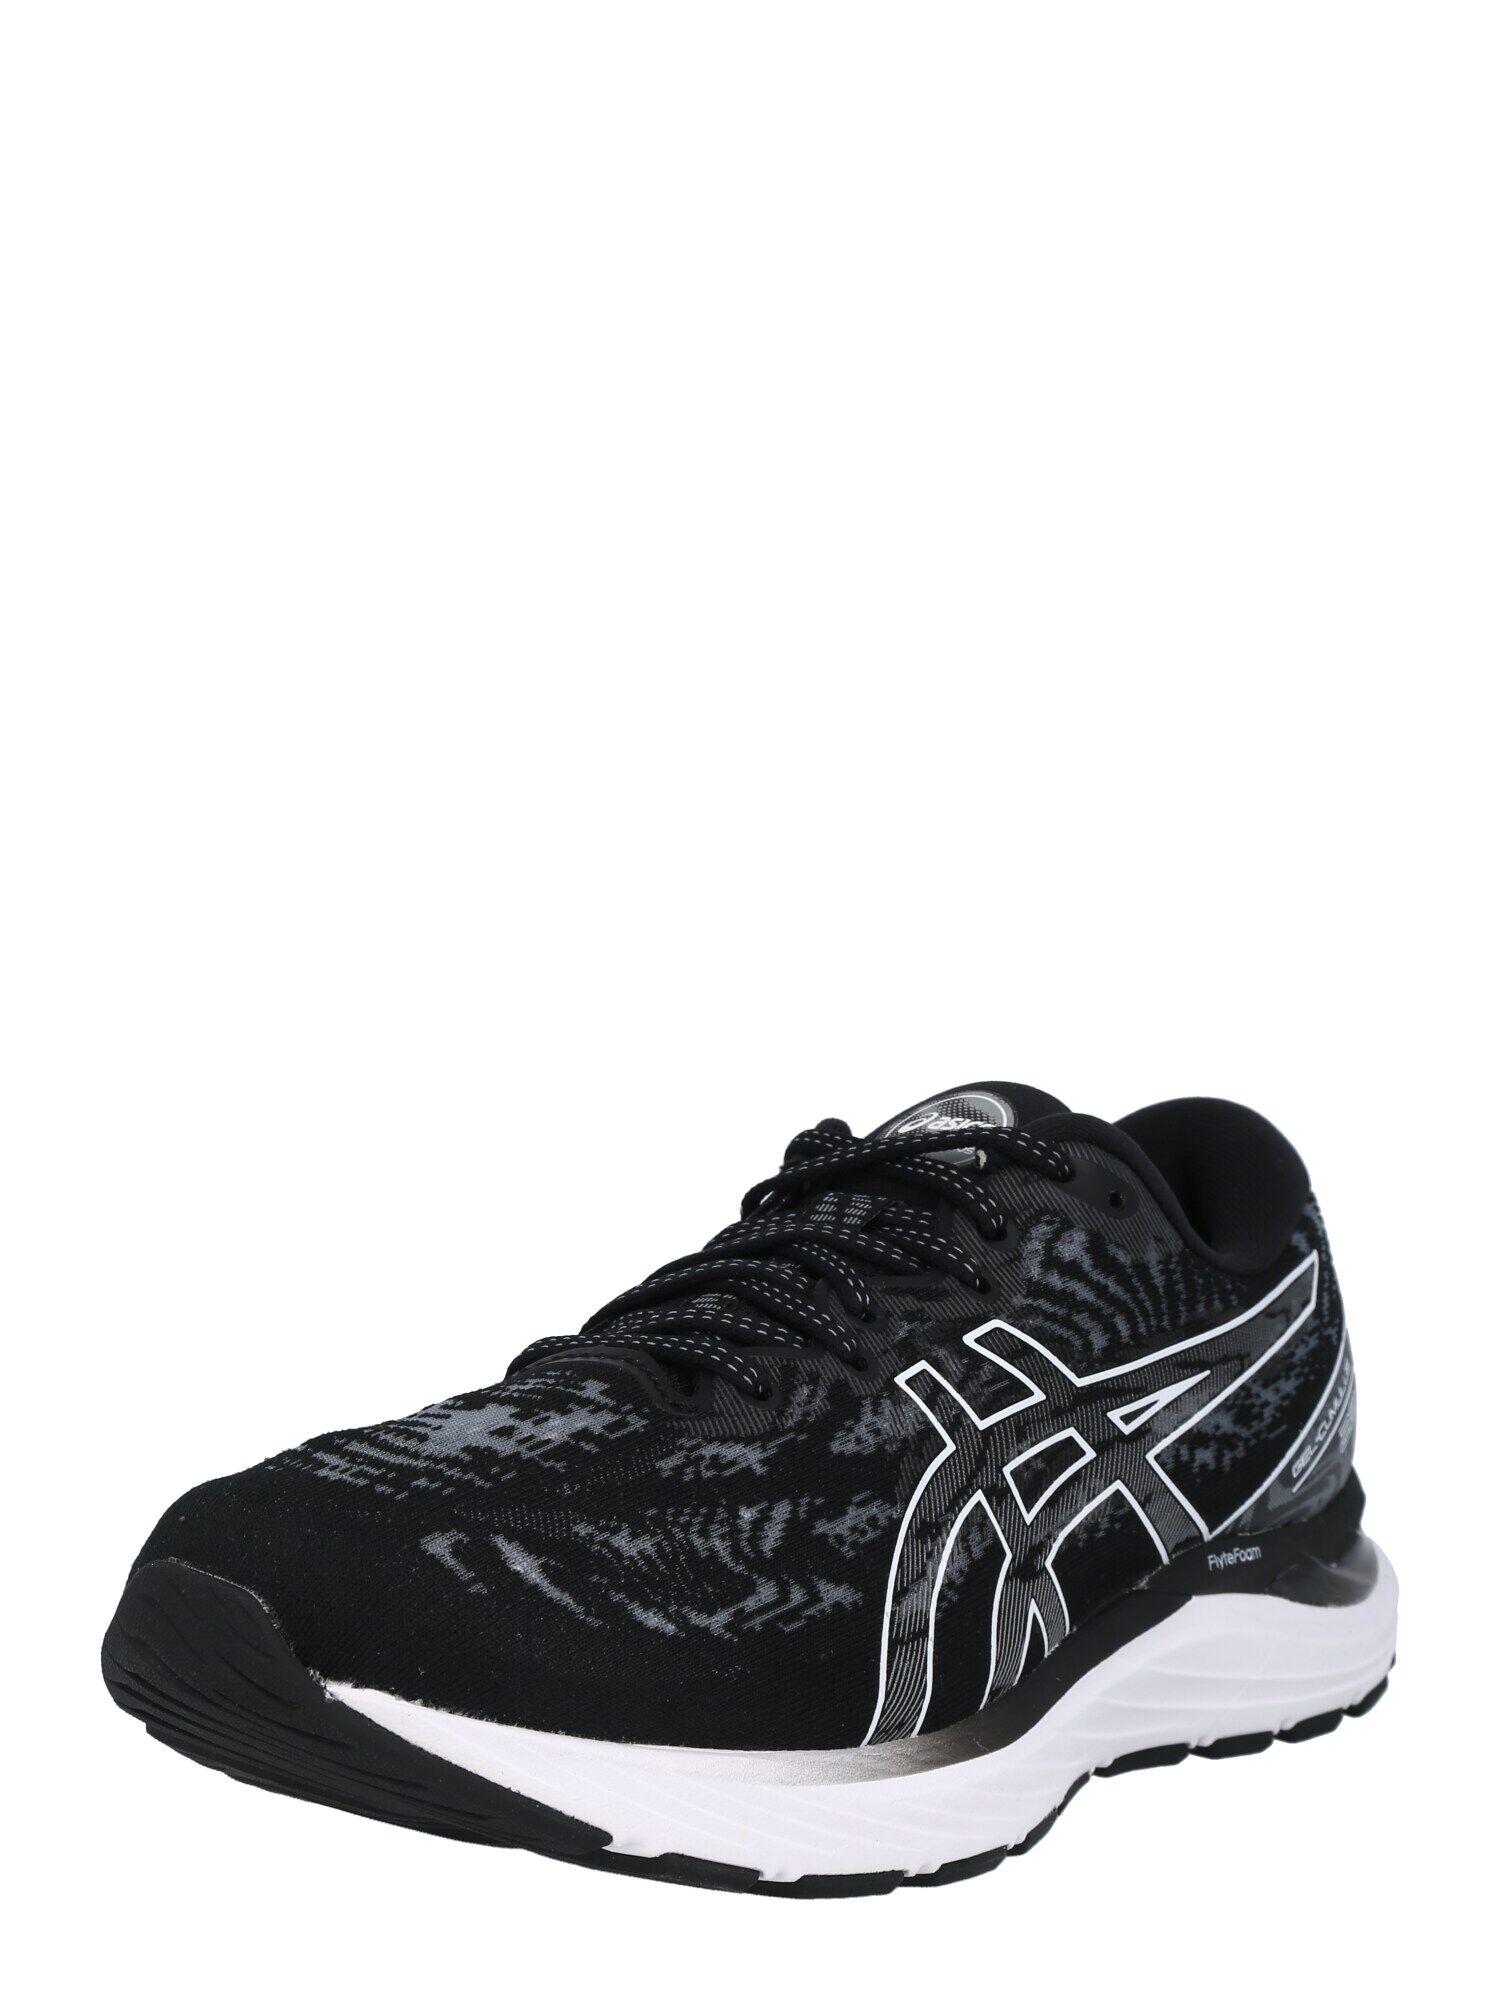 Asics Chaussure de course  - Noir - Taille: 43.5 - male